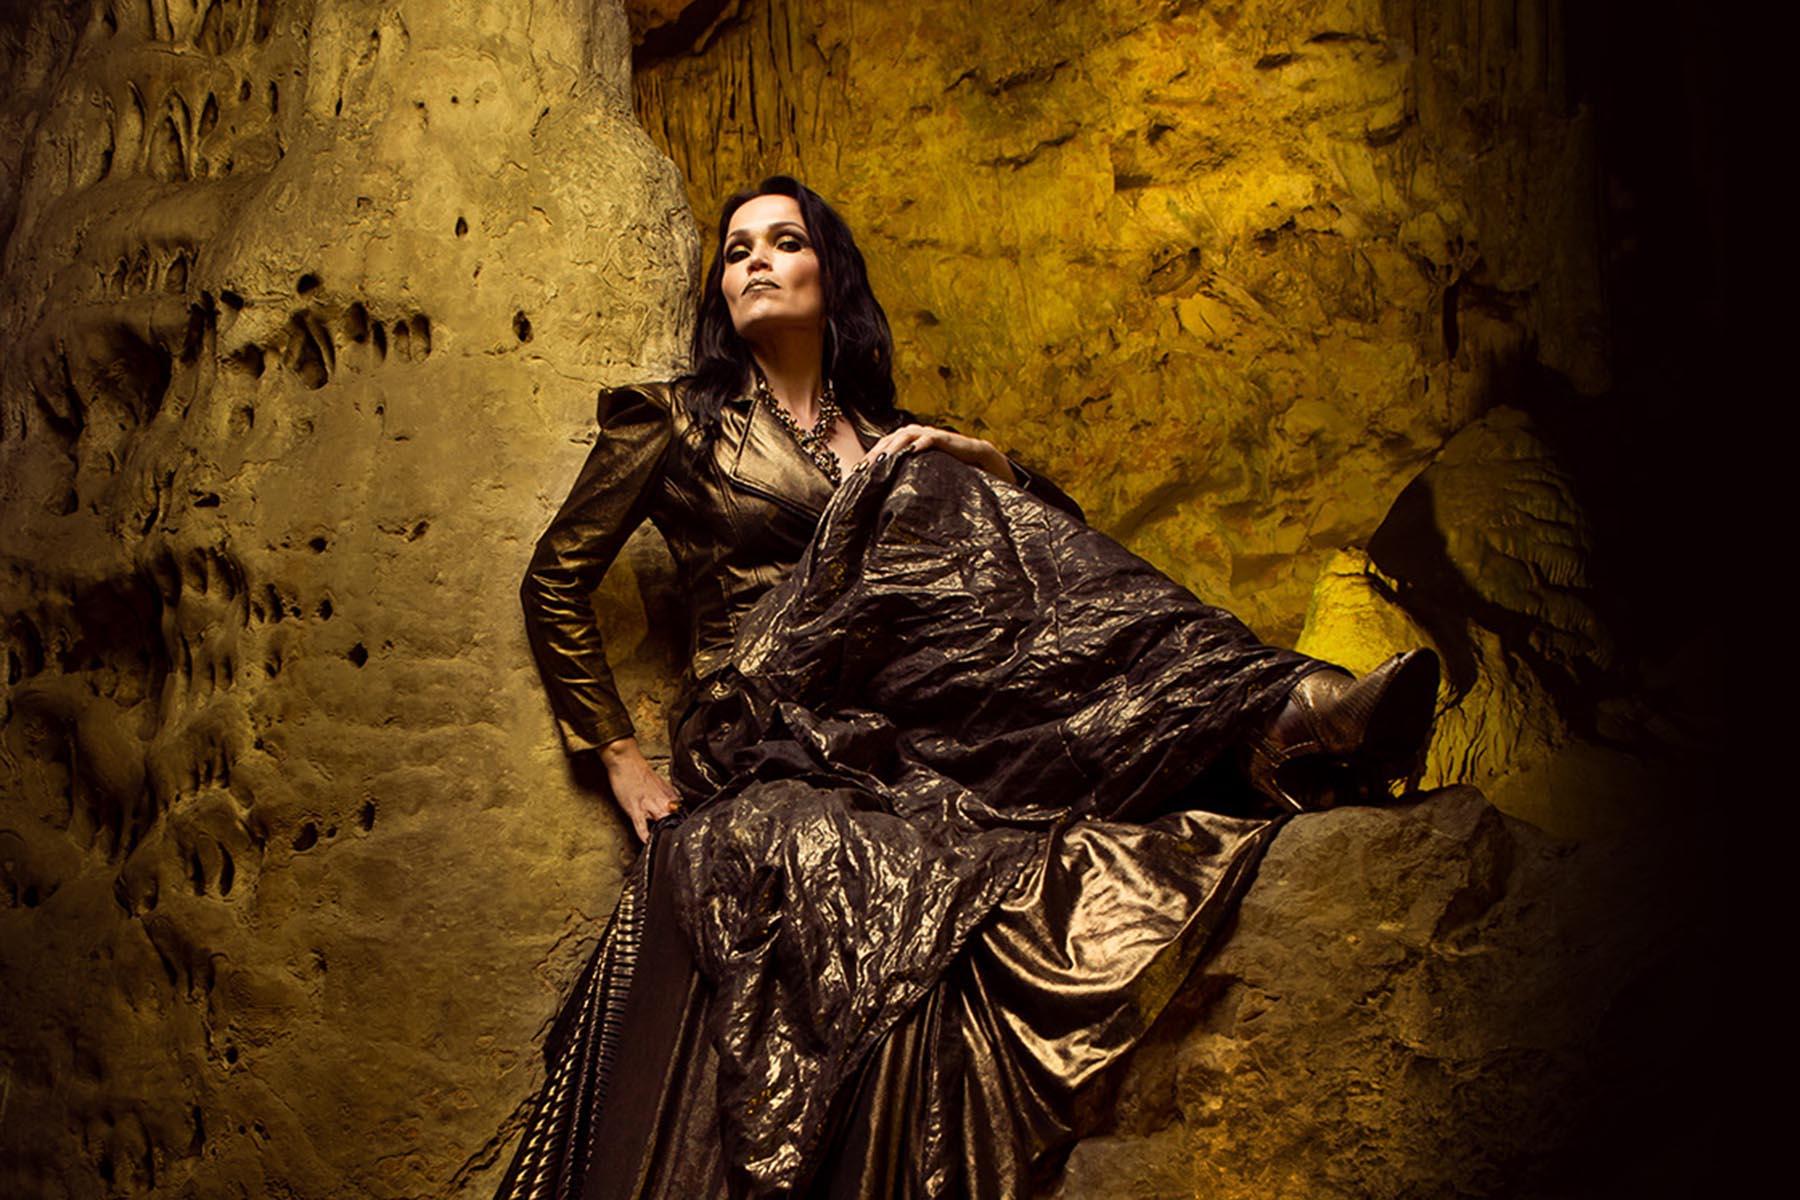 Tarja reagenda show en chile para abril del 2021